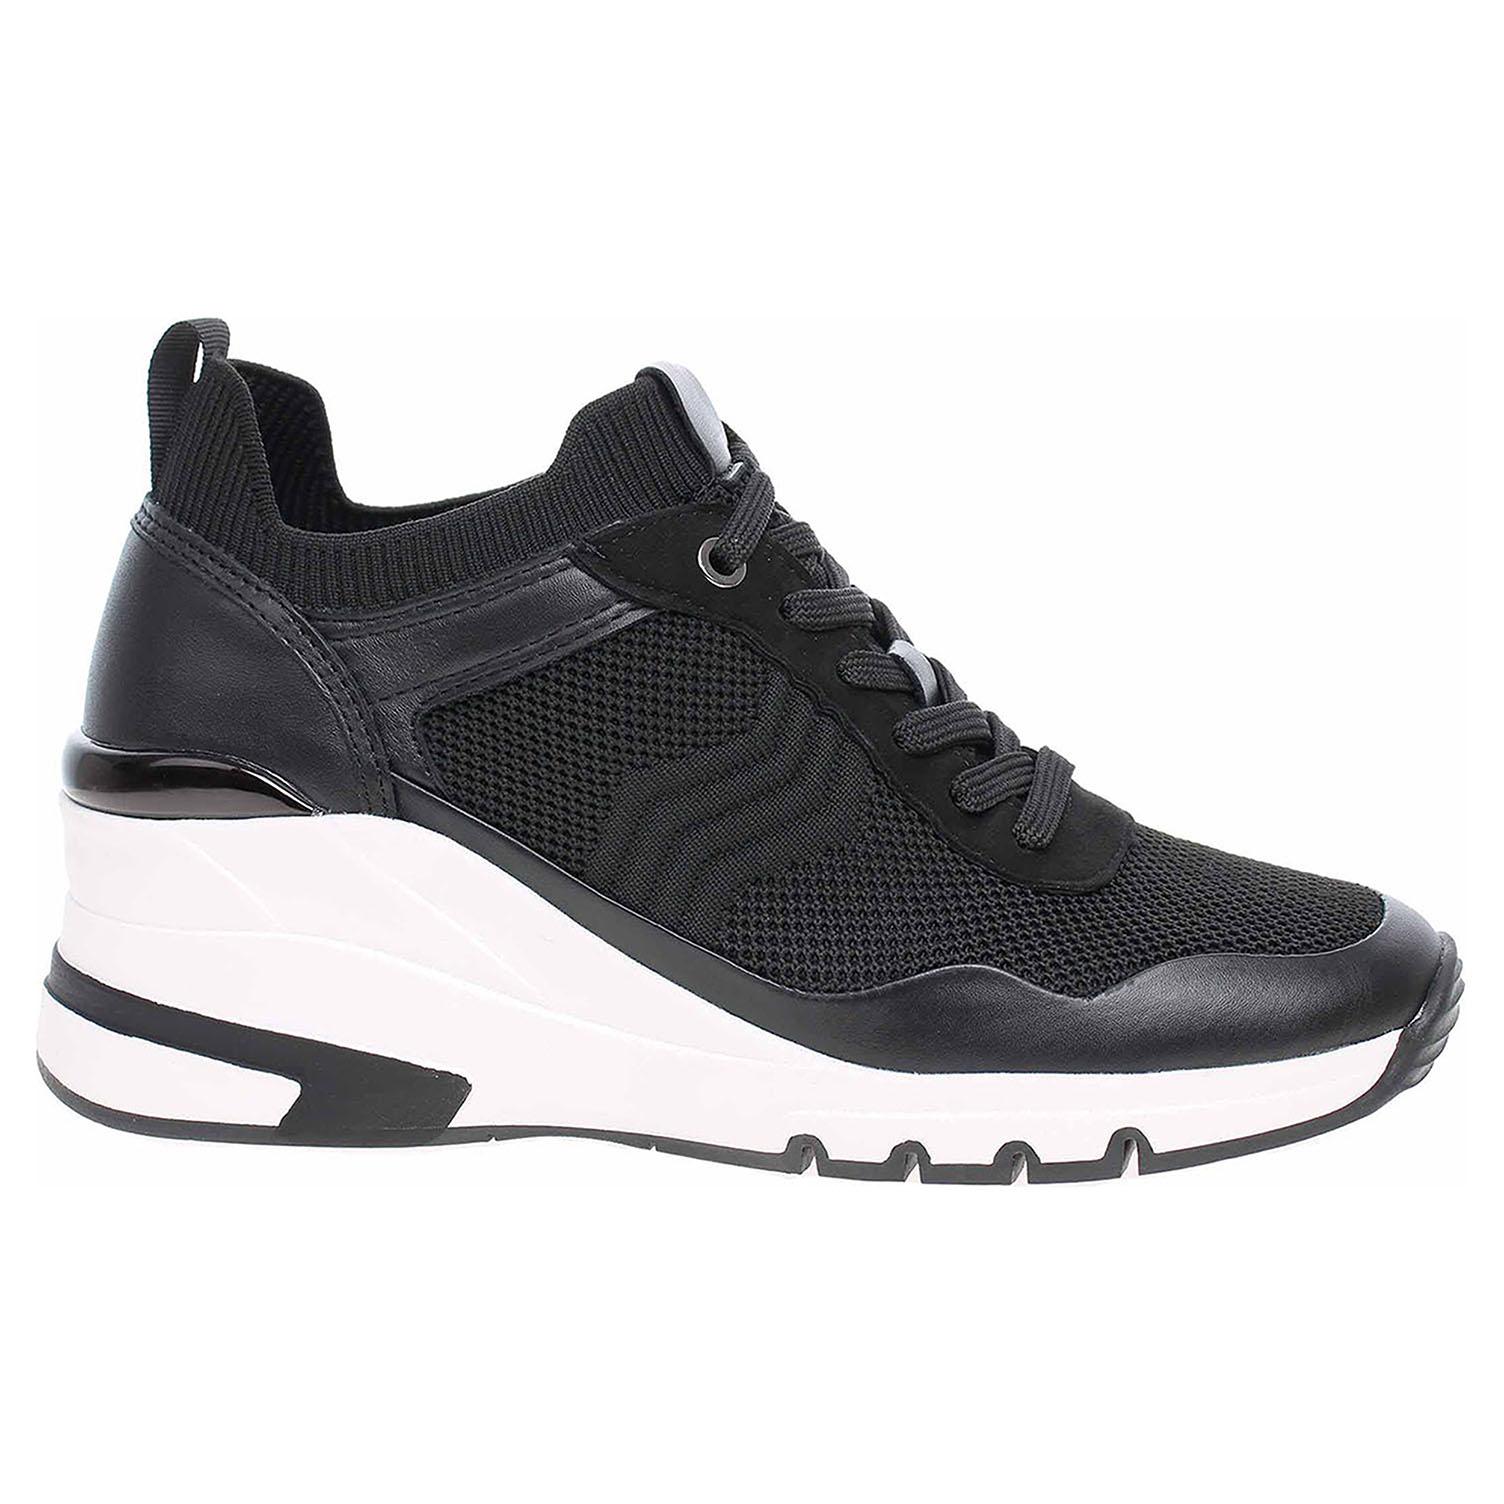 Dámská obuv Caprice 9-23709-25 black uni 9-9-23709-25 057 39